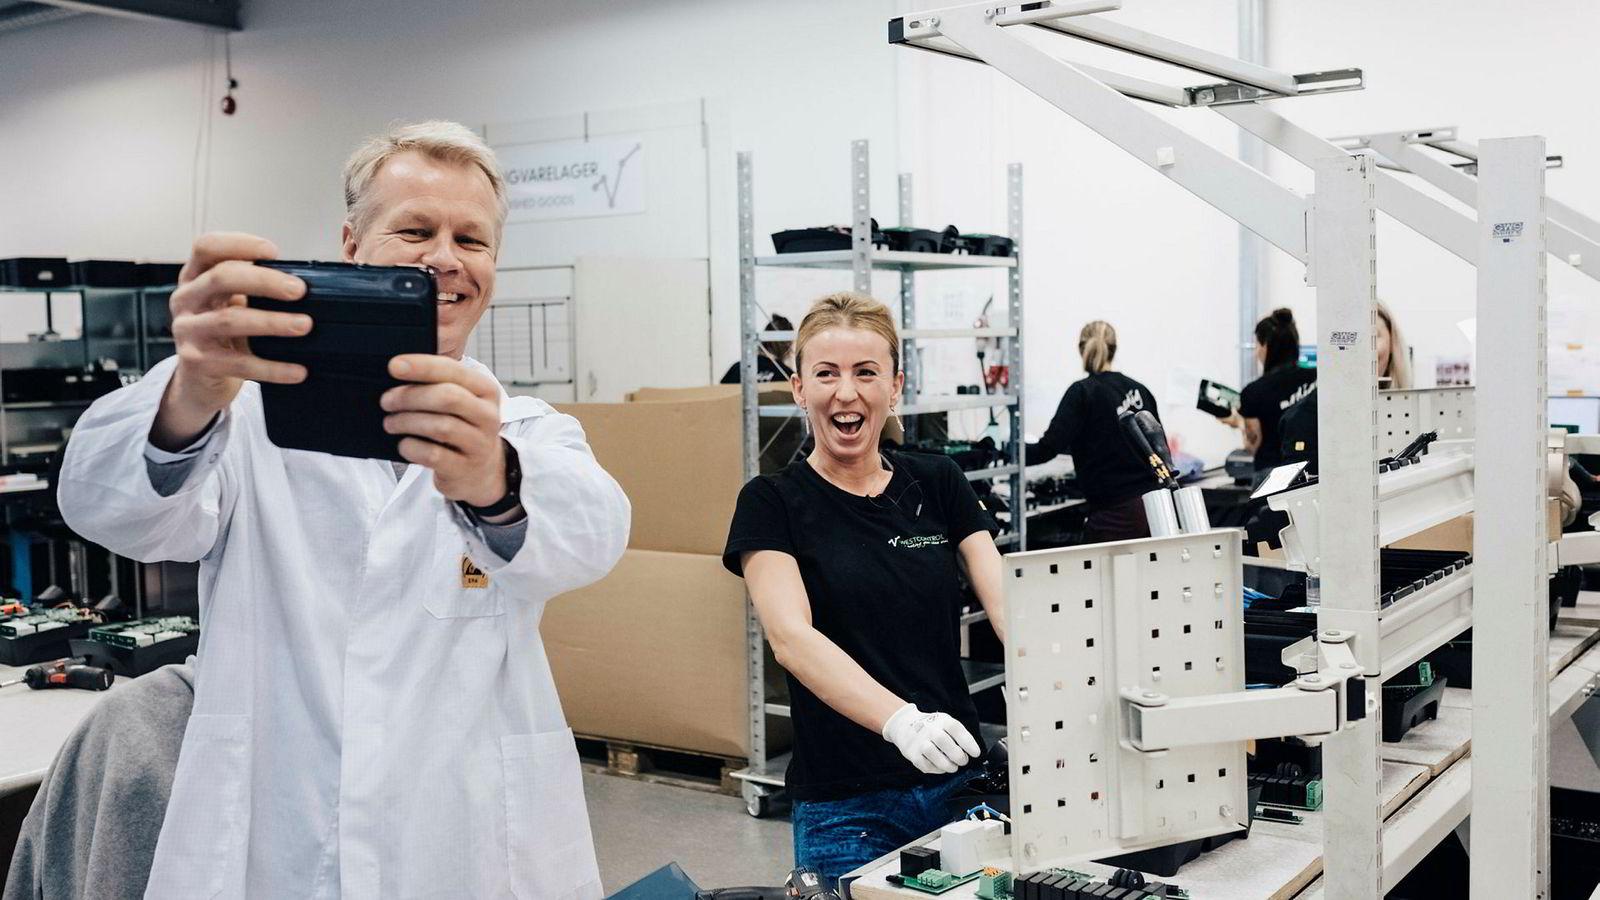 Zaptec-sjef Anders Thingbø er på besøk hos leverandør Westcontrol og tar en selfie sammen med Klaudia Wodka fra Polen. Hun har jobbet med å montere elbil-ladere siden hun begynte i april.